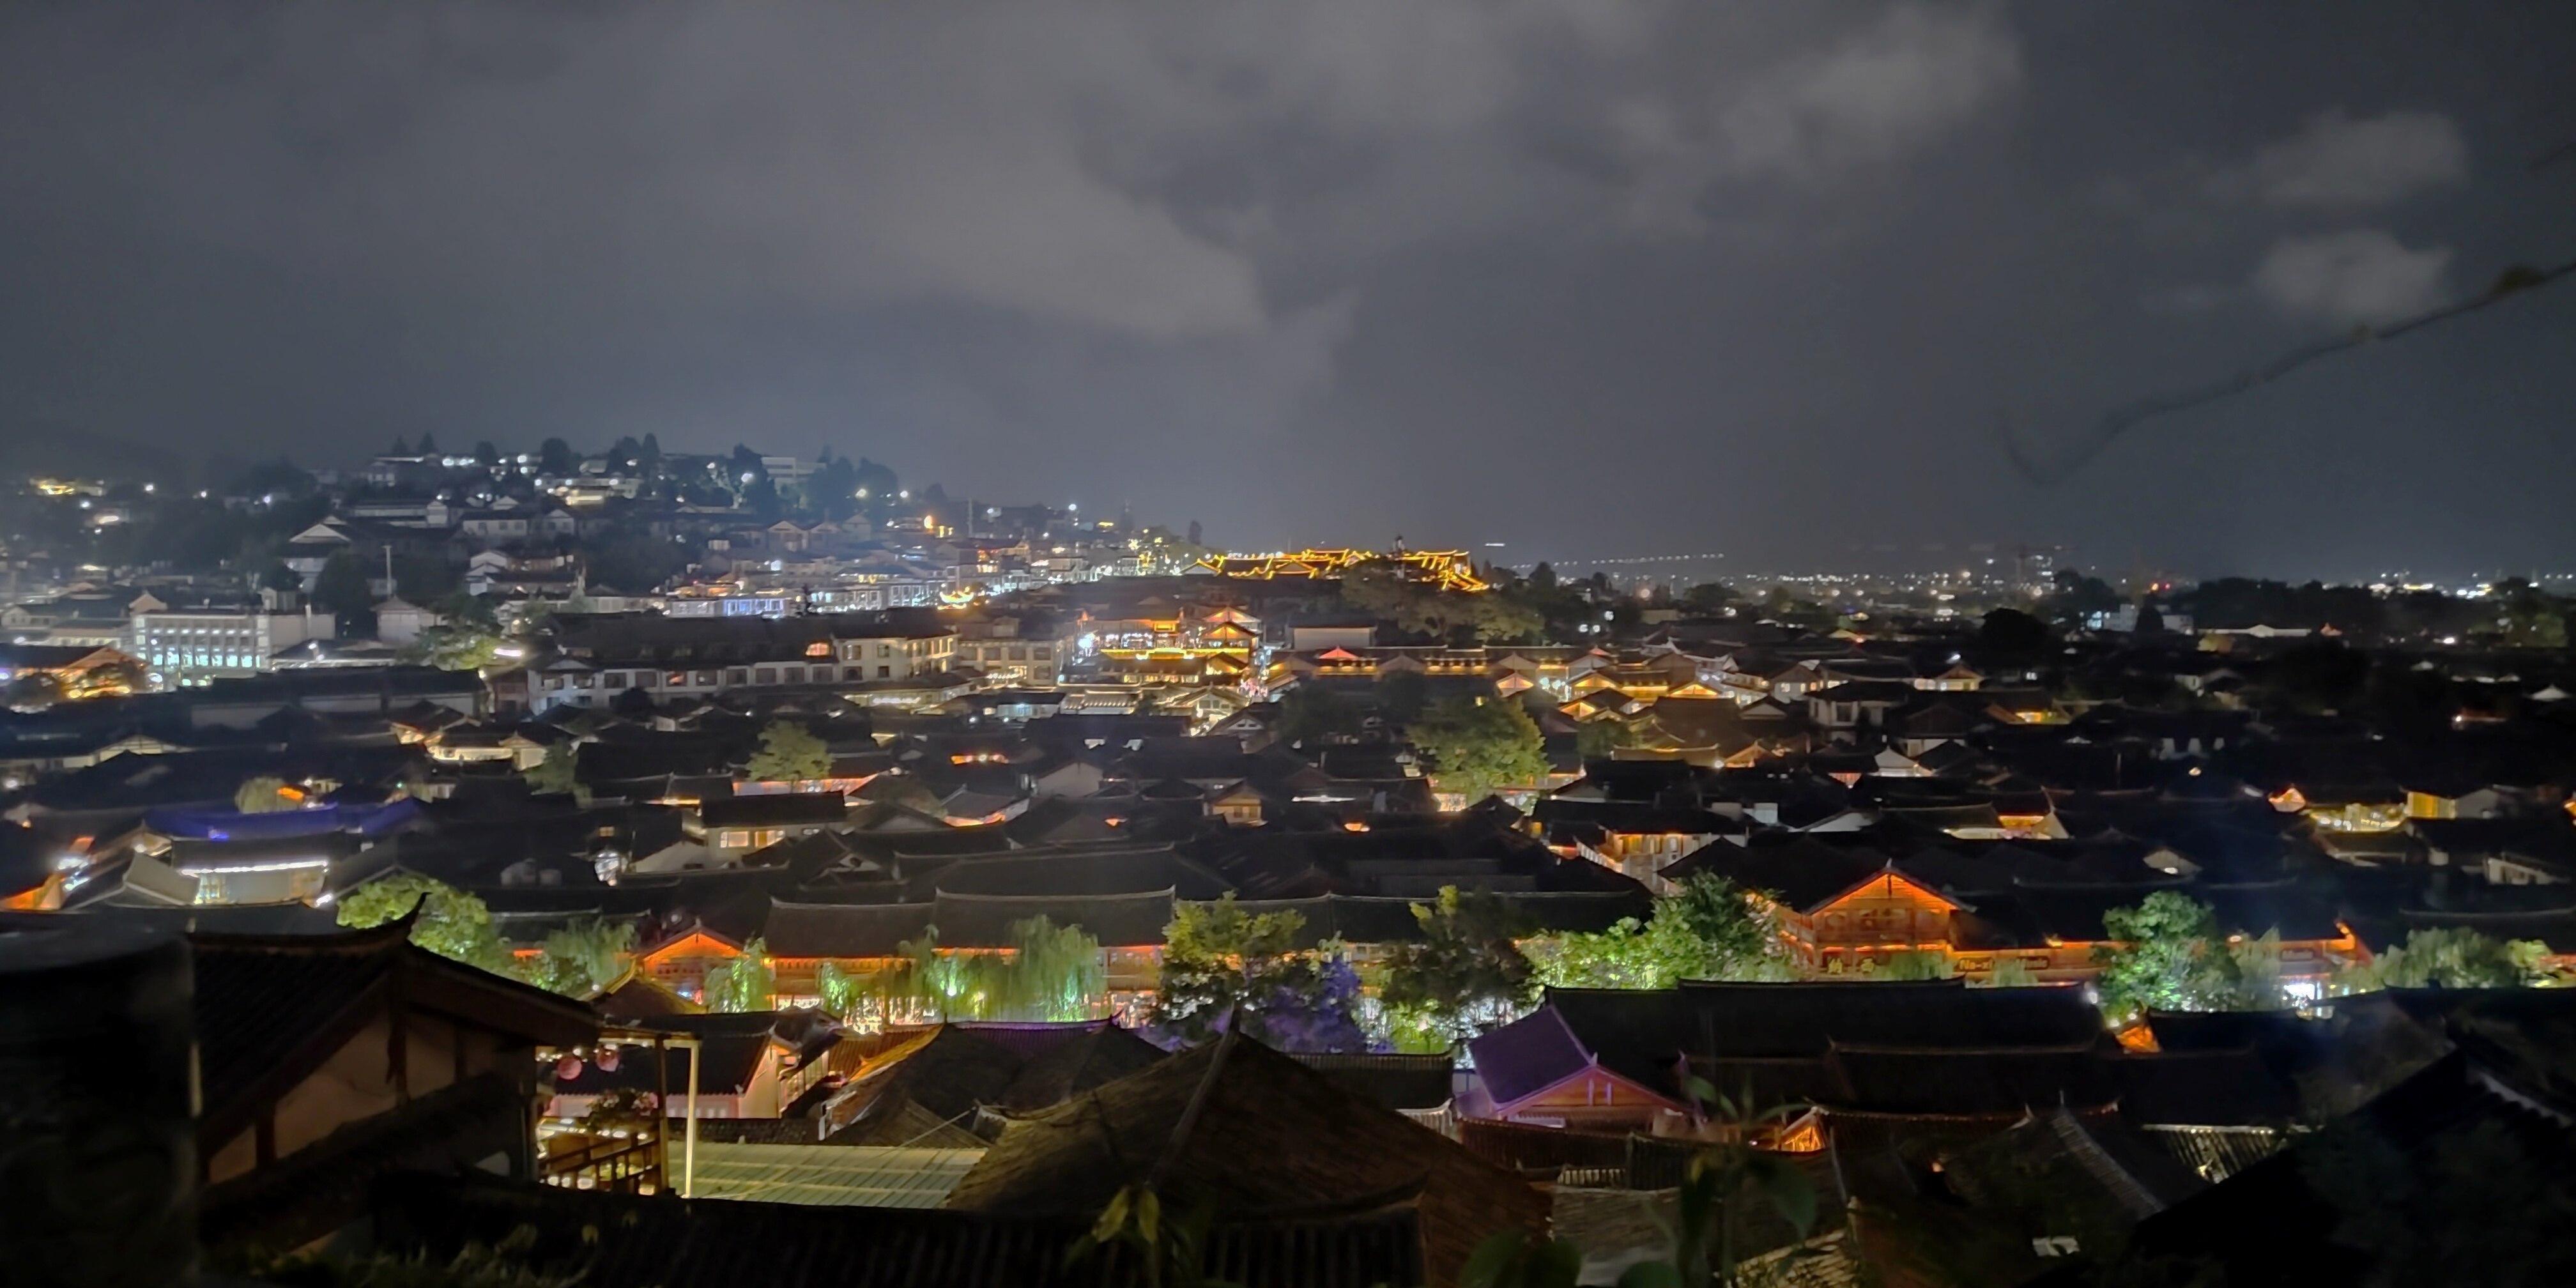 古城俯瞰 夜景